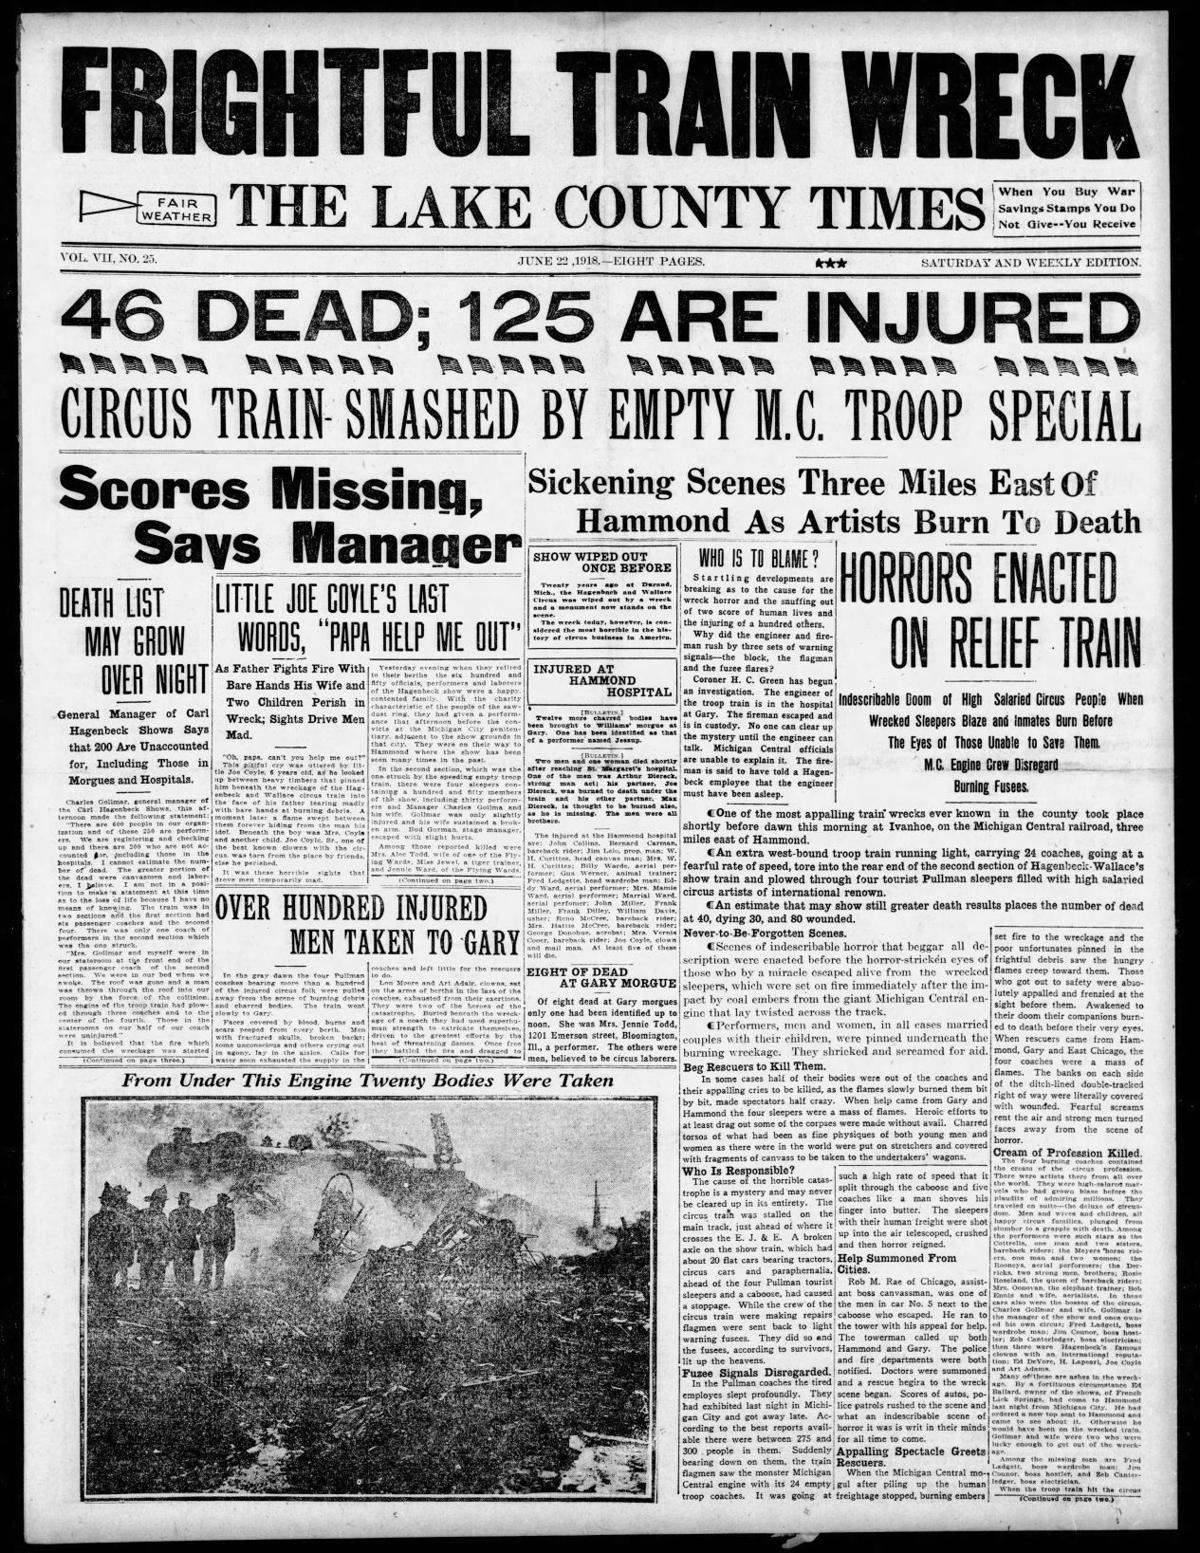 June 22, 1918: Frightful Train Wreck